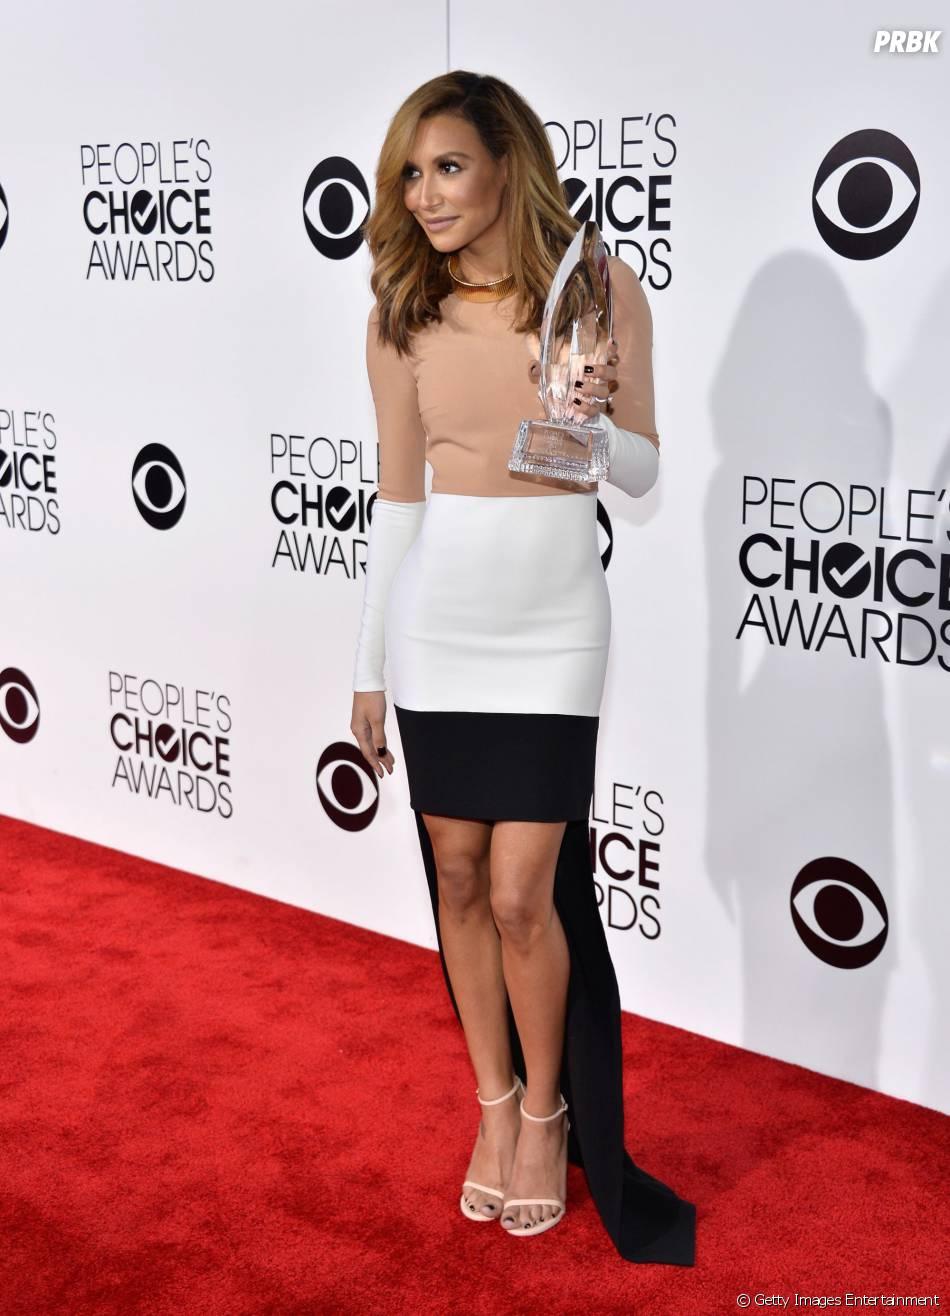 """Naya Rivera representou a dupla Rachel (Lea Michele) e Santana da série """"Glee"""" e recebeu o troféu de """"Amigas Favoritas da TV"""", no People Choice Awards"""